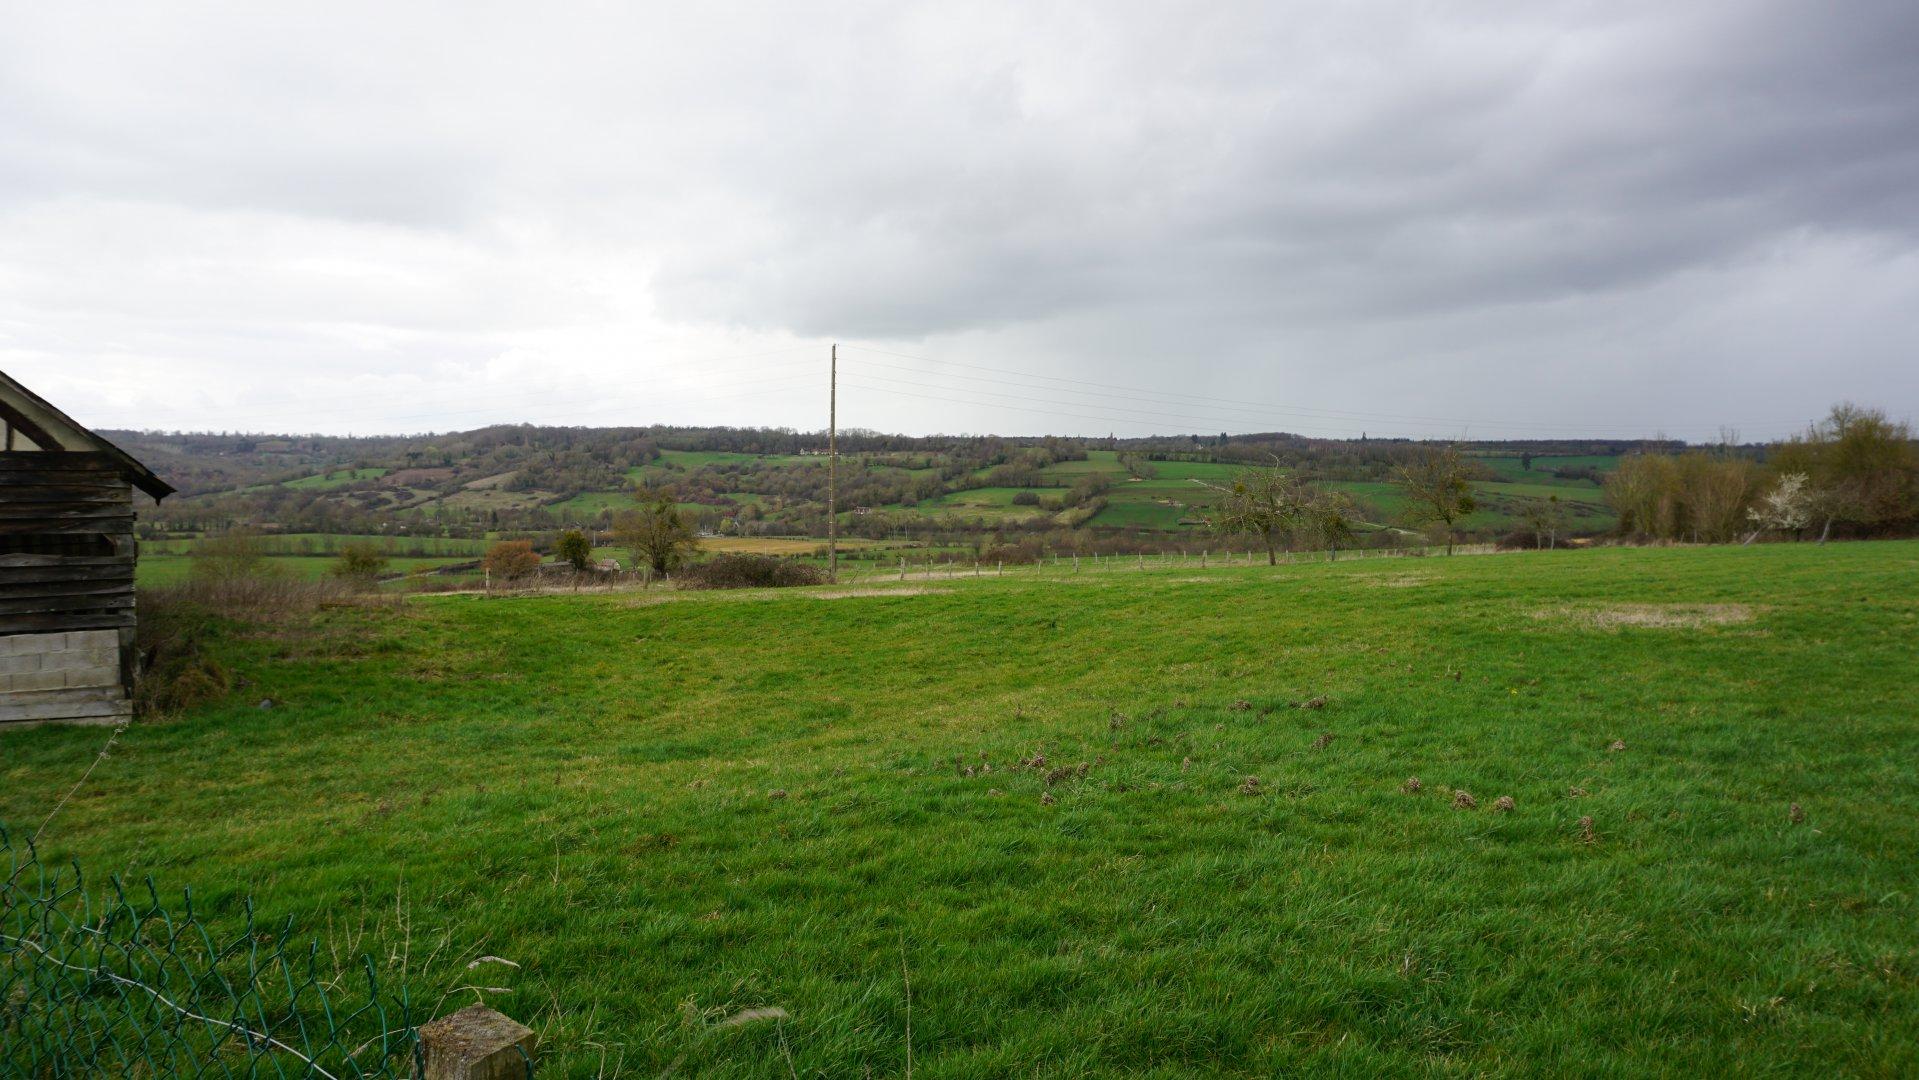 PAYS D'AUGE- ORNE une ancienne ferme avec environ 4 hectares